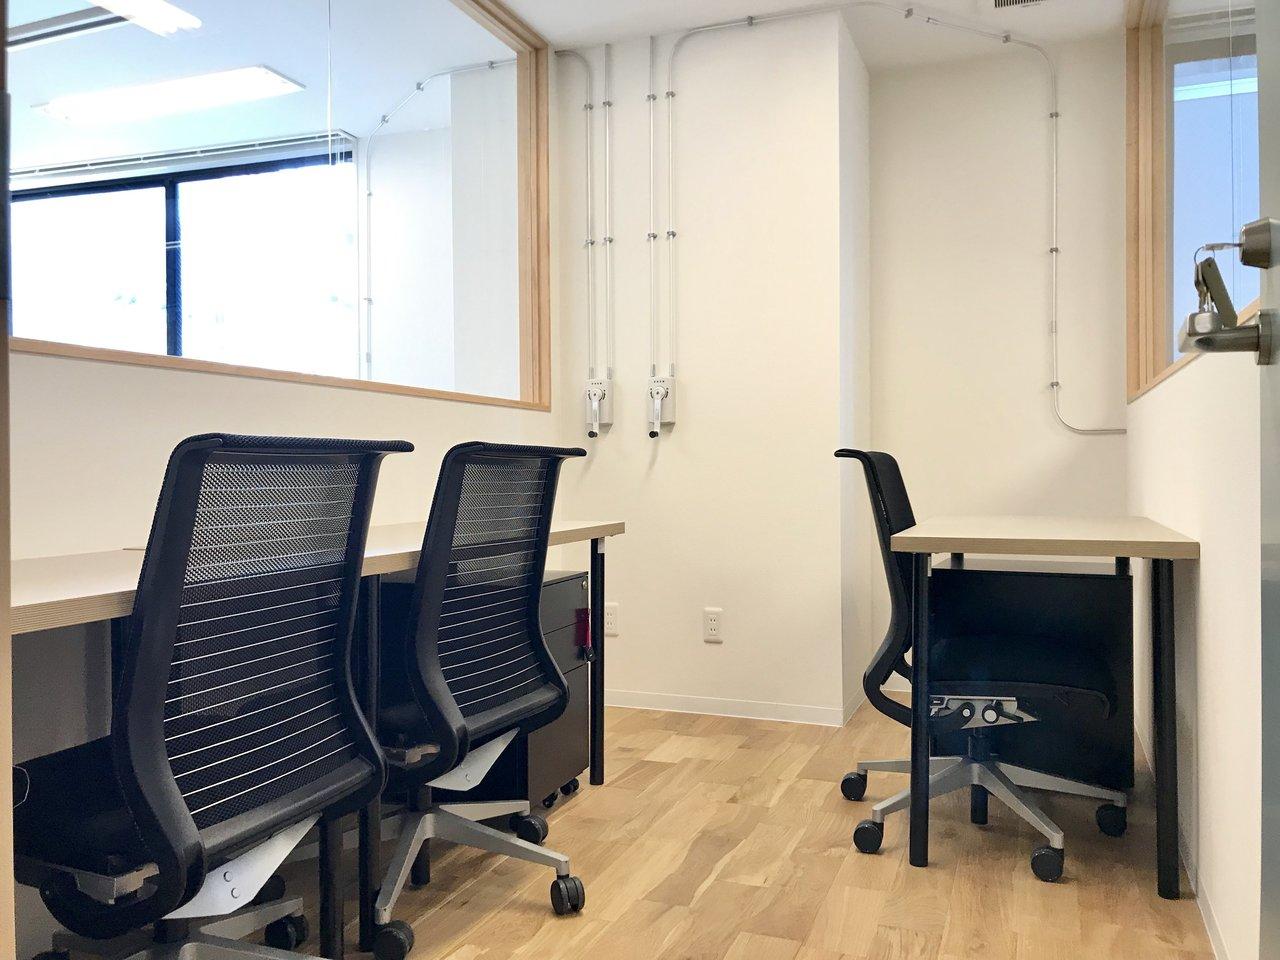 コワーキングの利用者さんも使える会議室や、占有で借りられるブース型のレンタルオフィスもあるんです。(2名ブース月10万円+税〜)